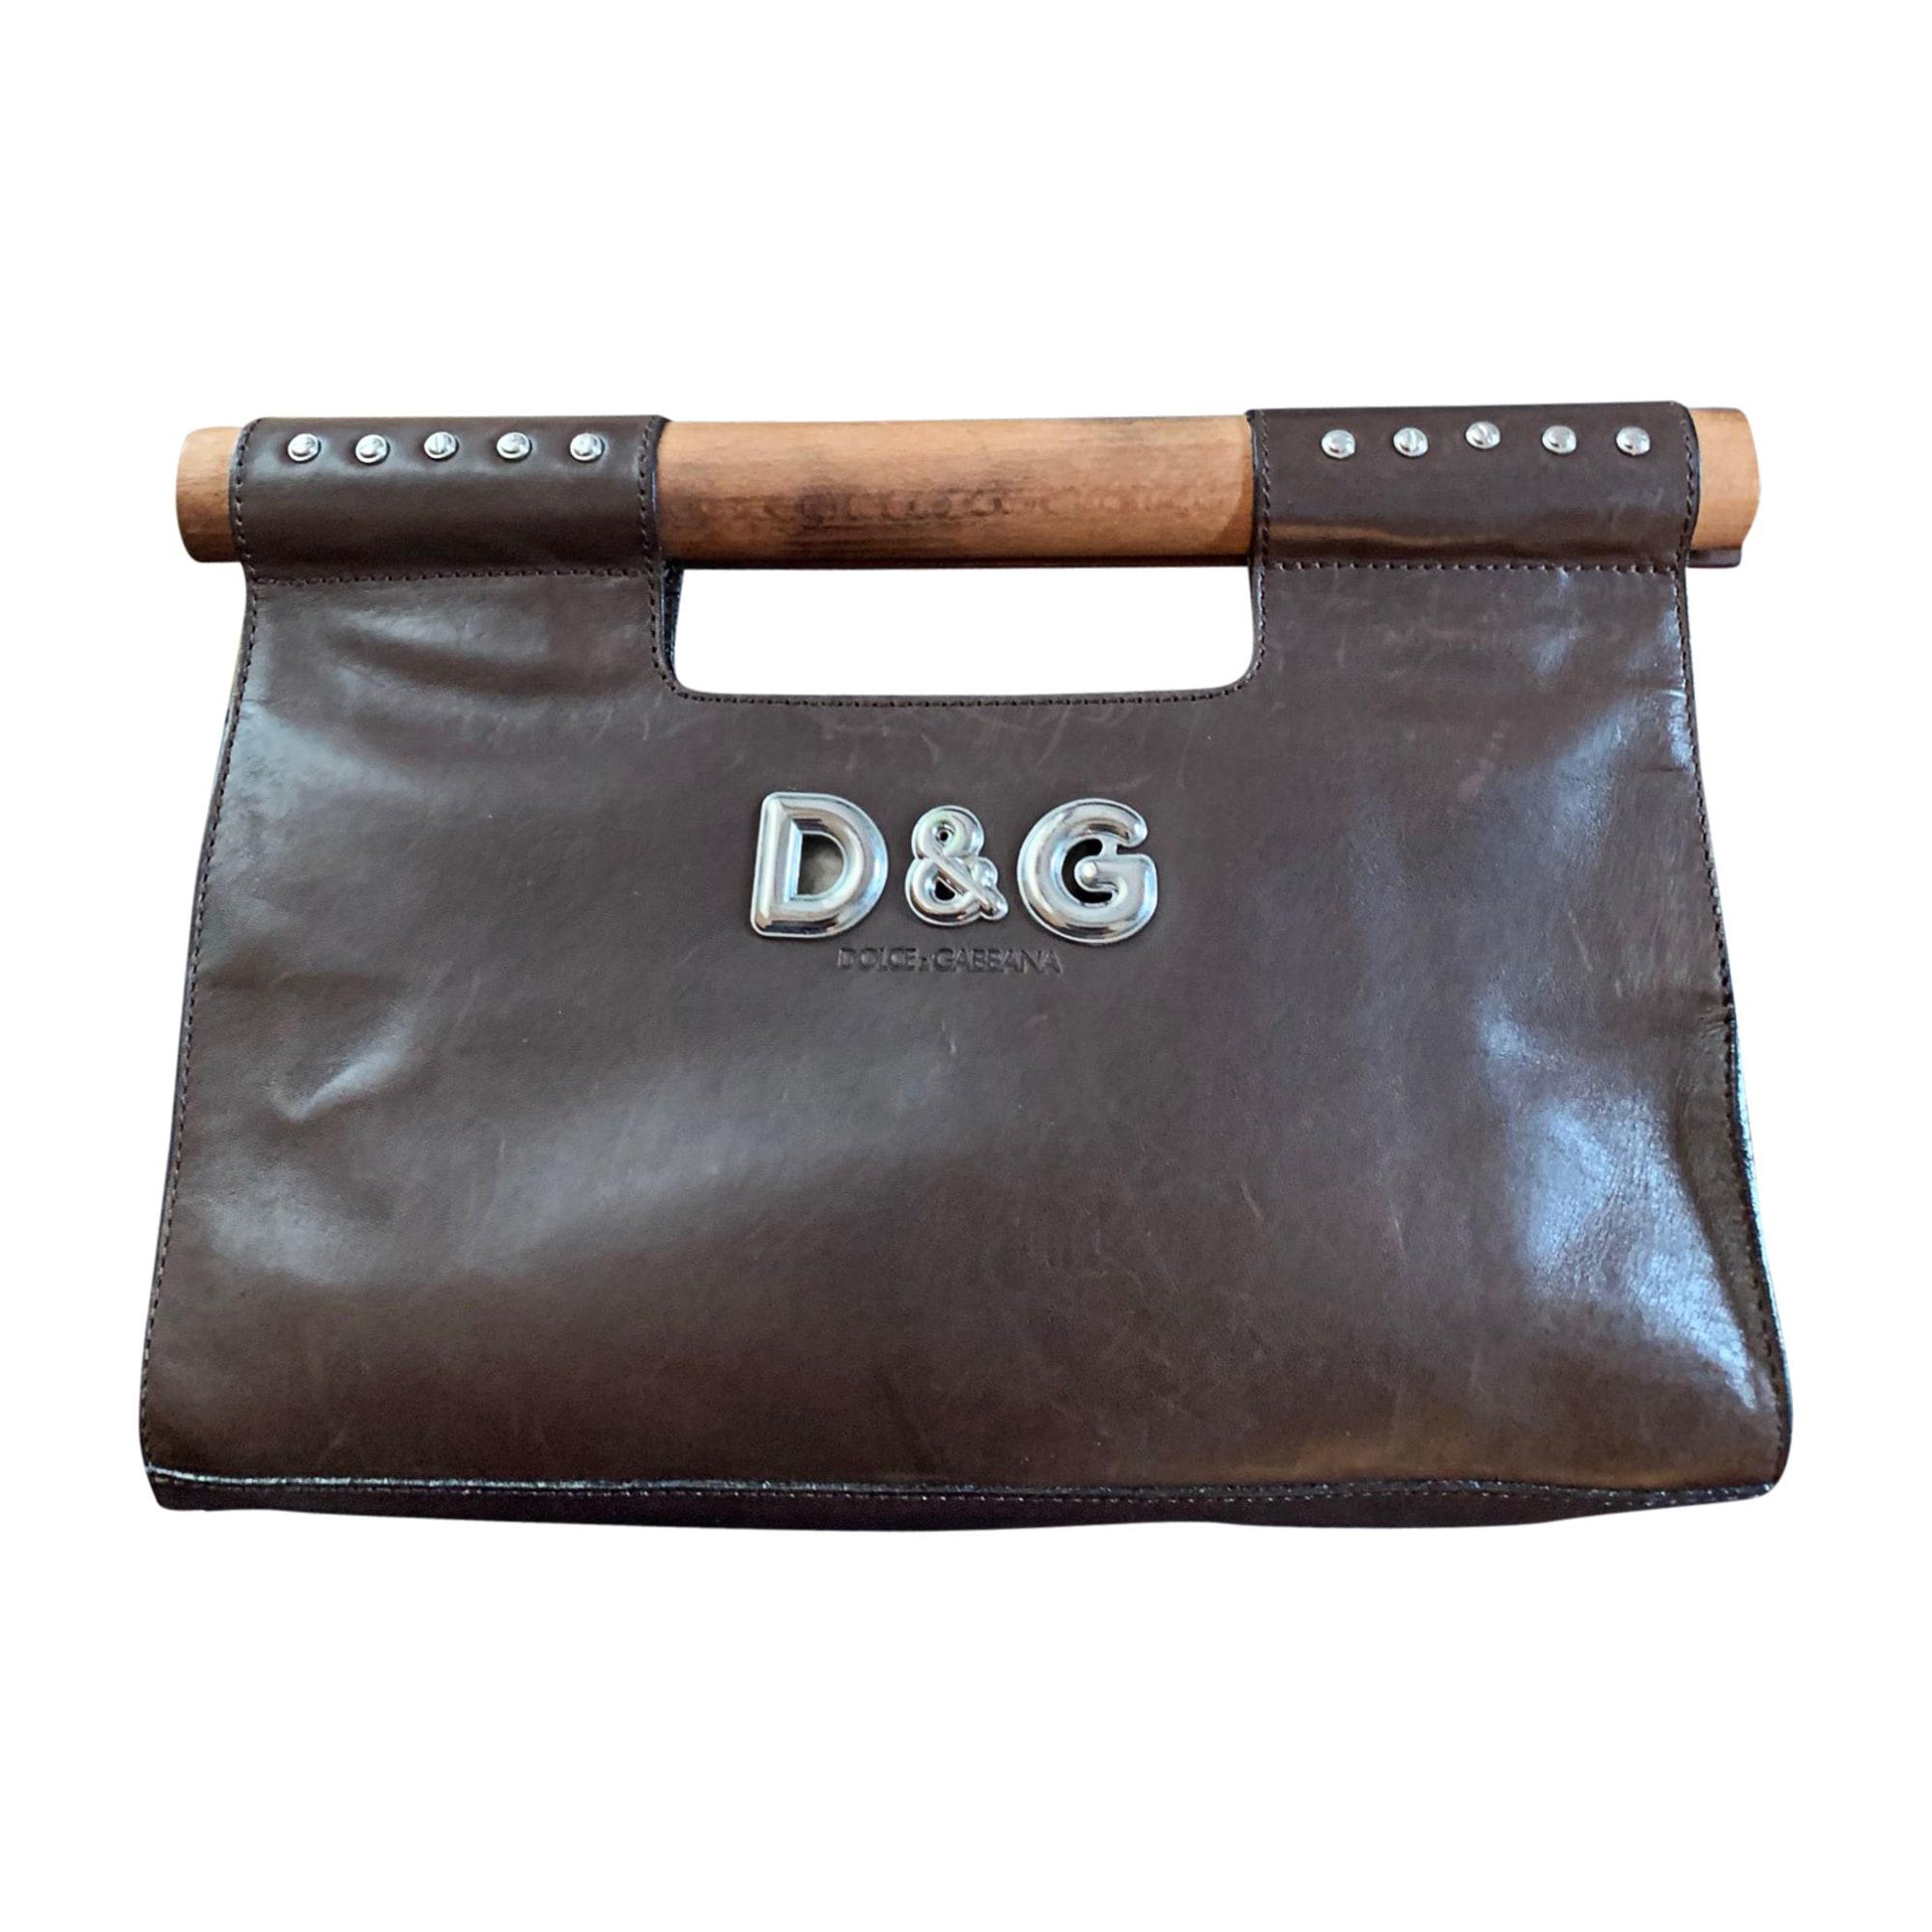 Sac à main en cuir D&G cuir marron